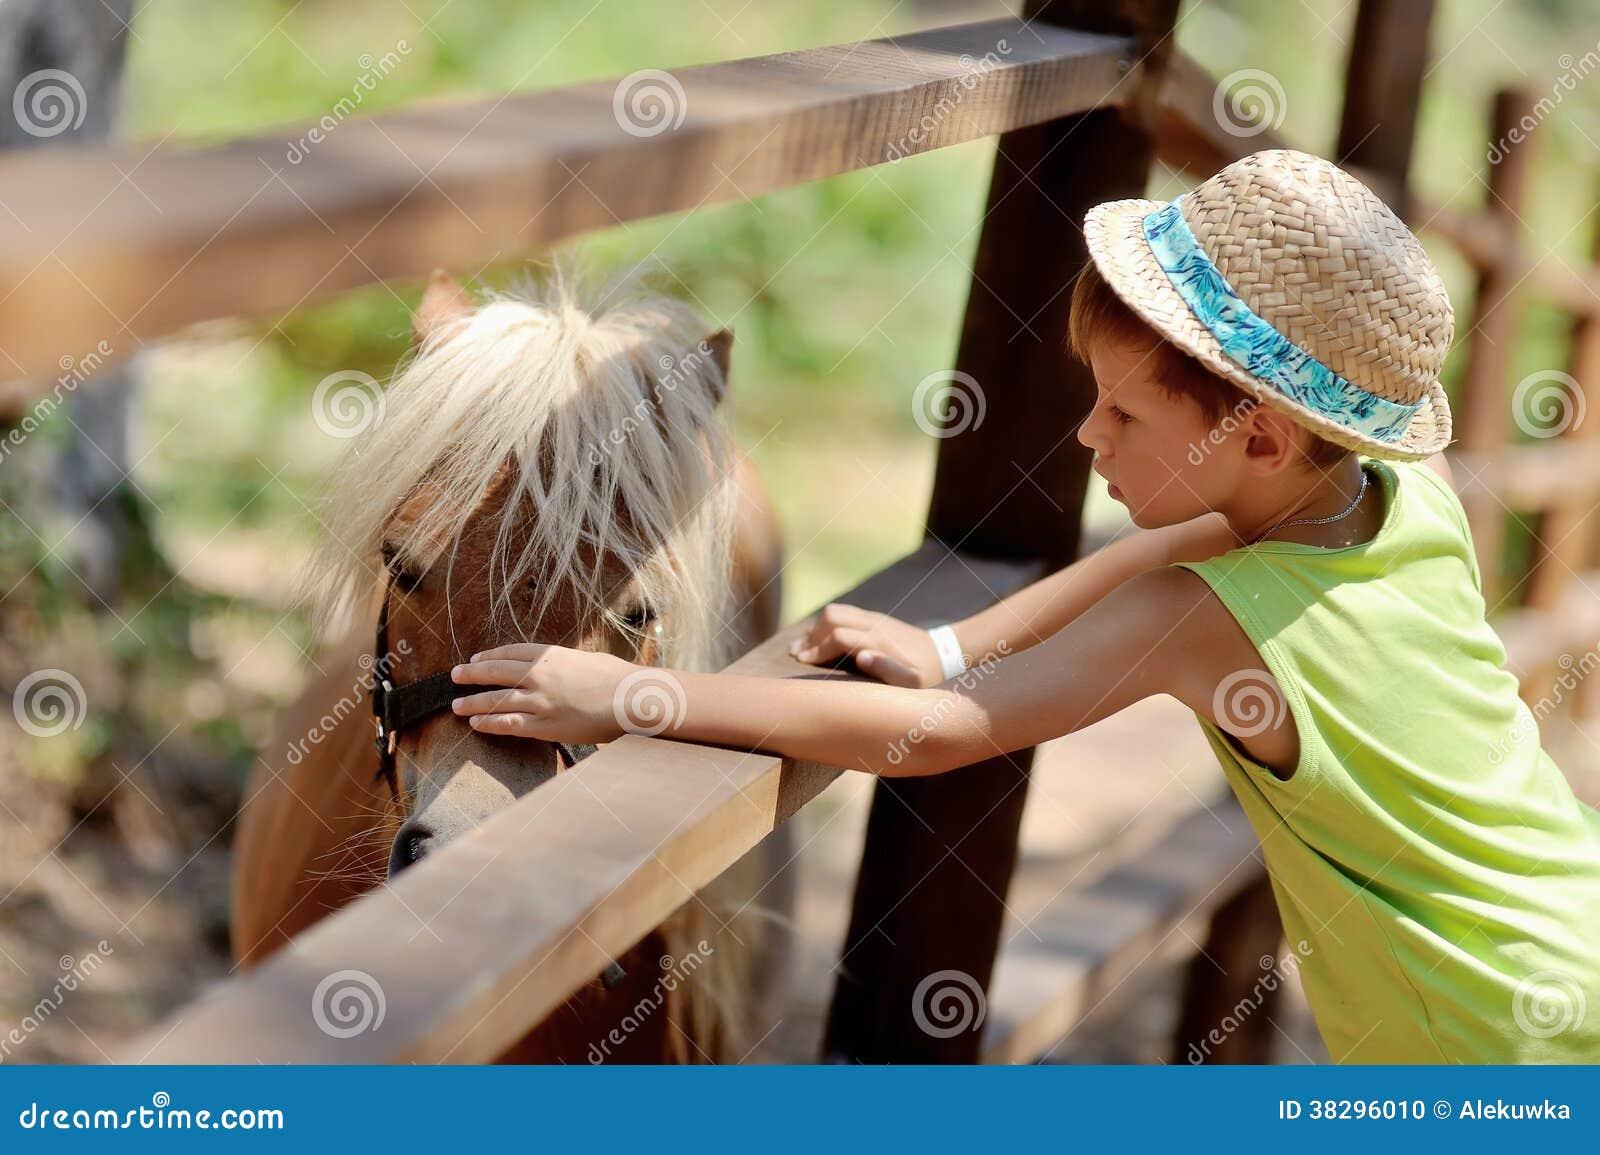 Pony and boy